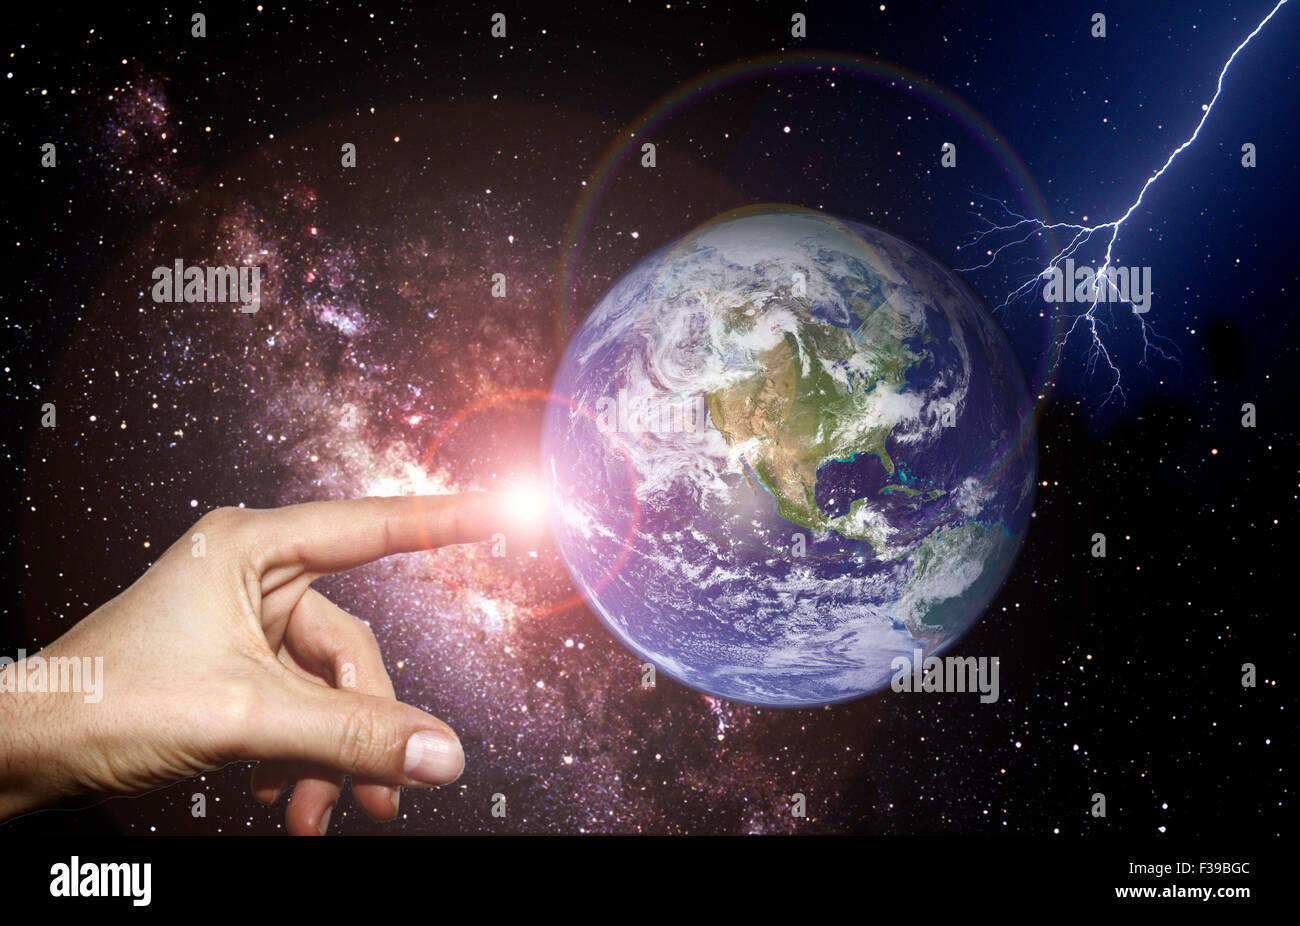 Symbolbild: Schoepfung / symbolic image: creation. - Stock Image